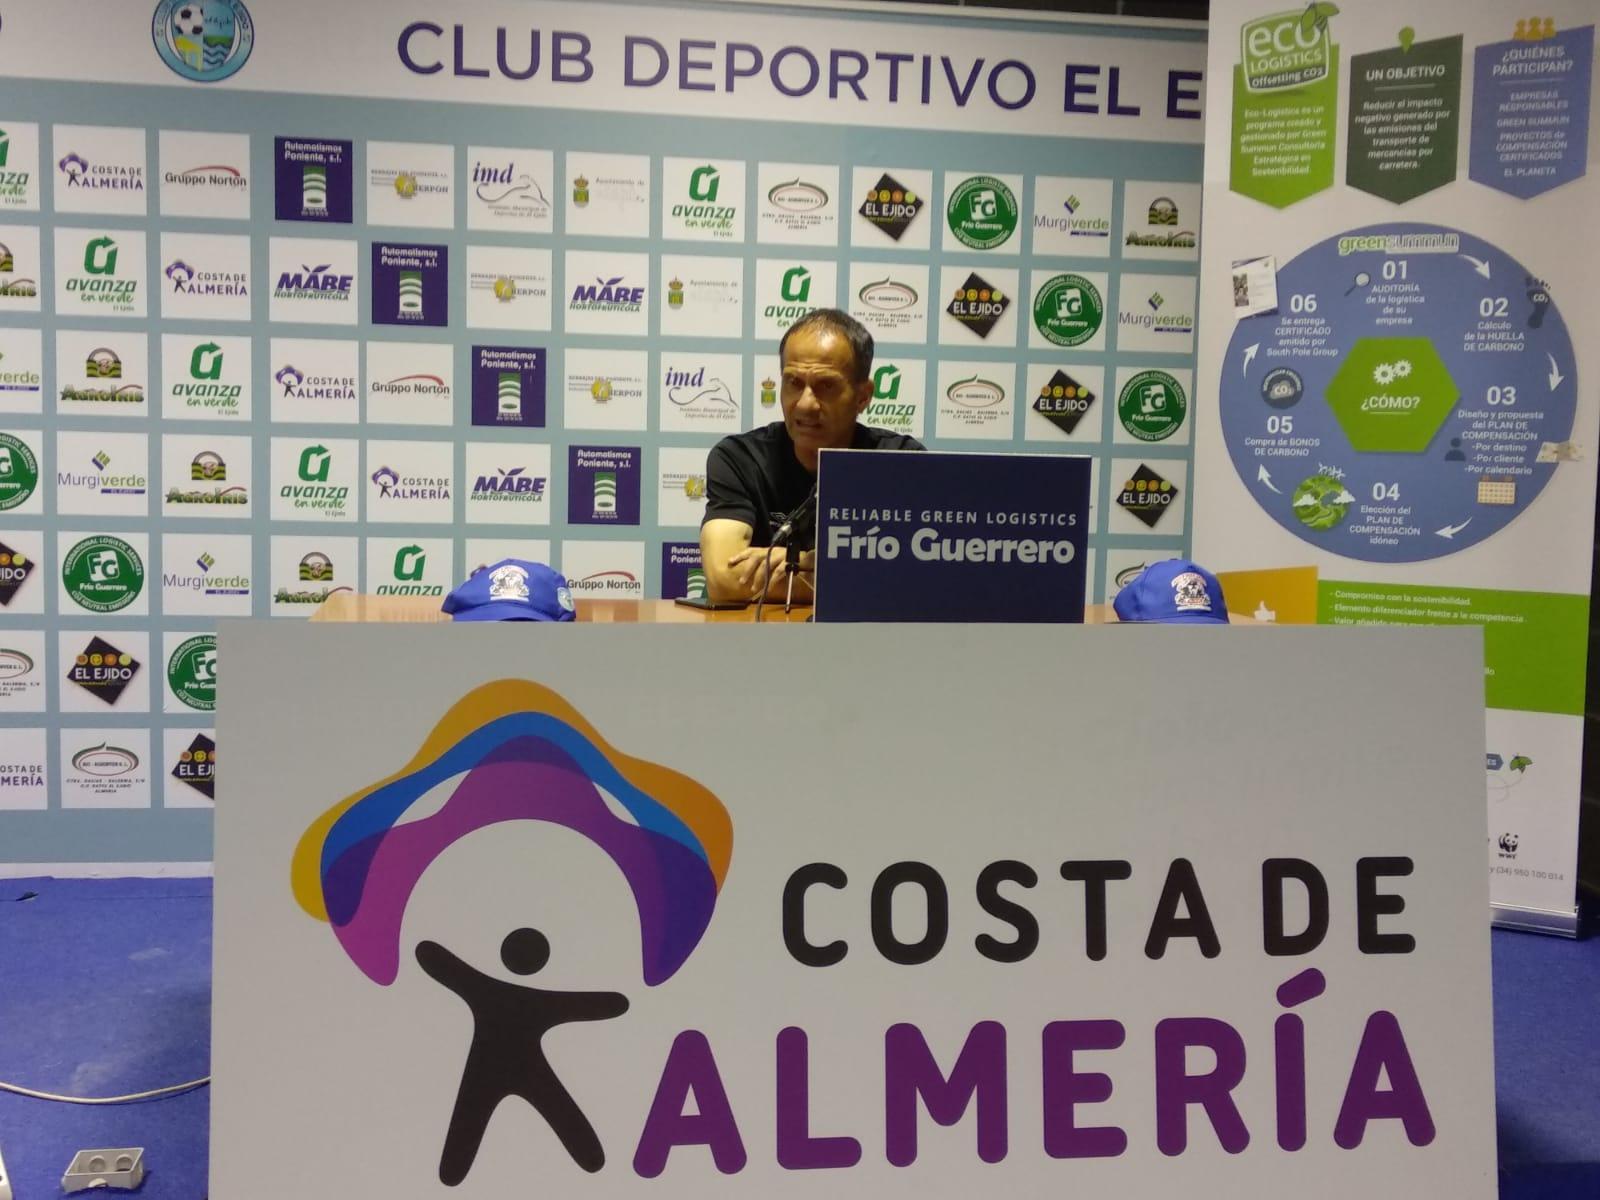 El CD El Ejido competirá en Huelva por su quinto triunfo consecutivo